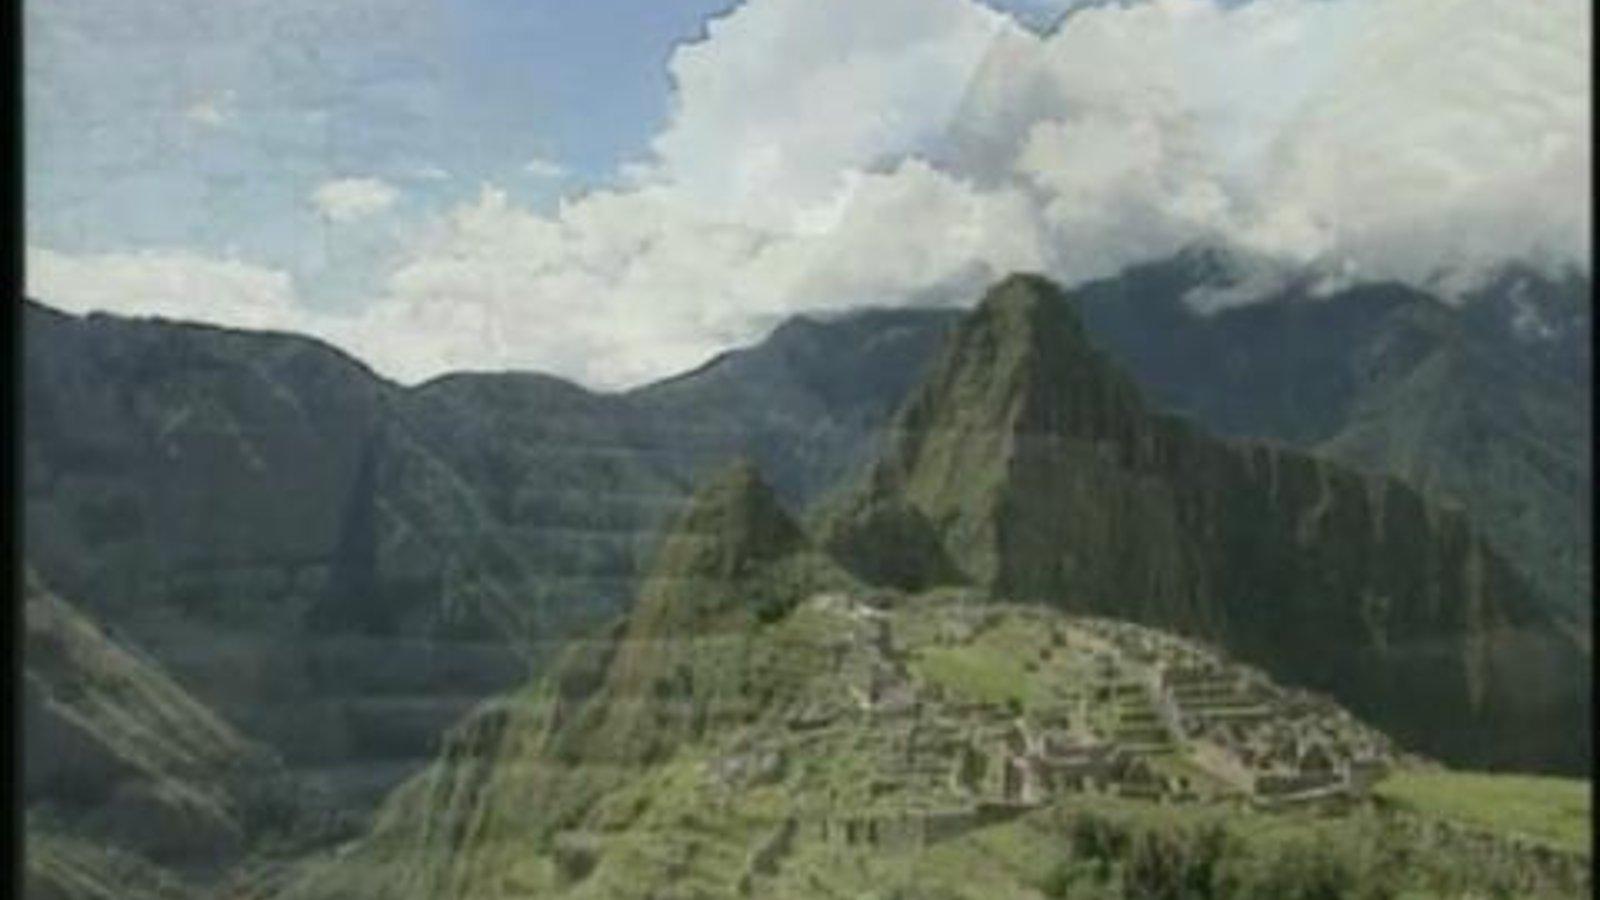 The Roads To El Dorado